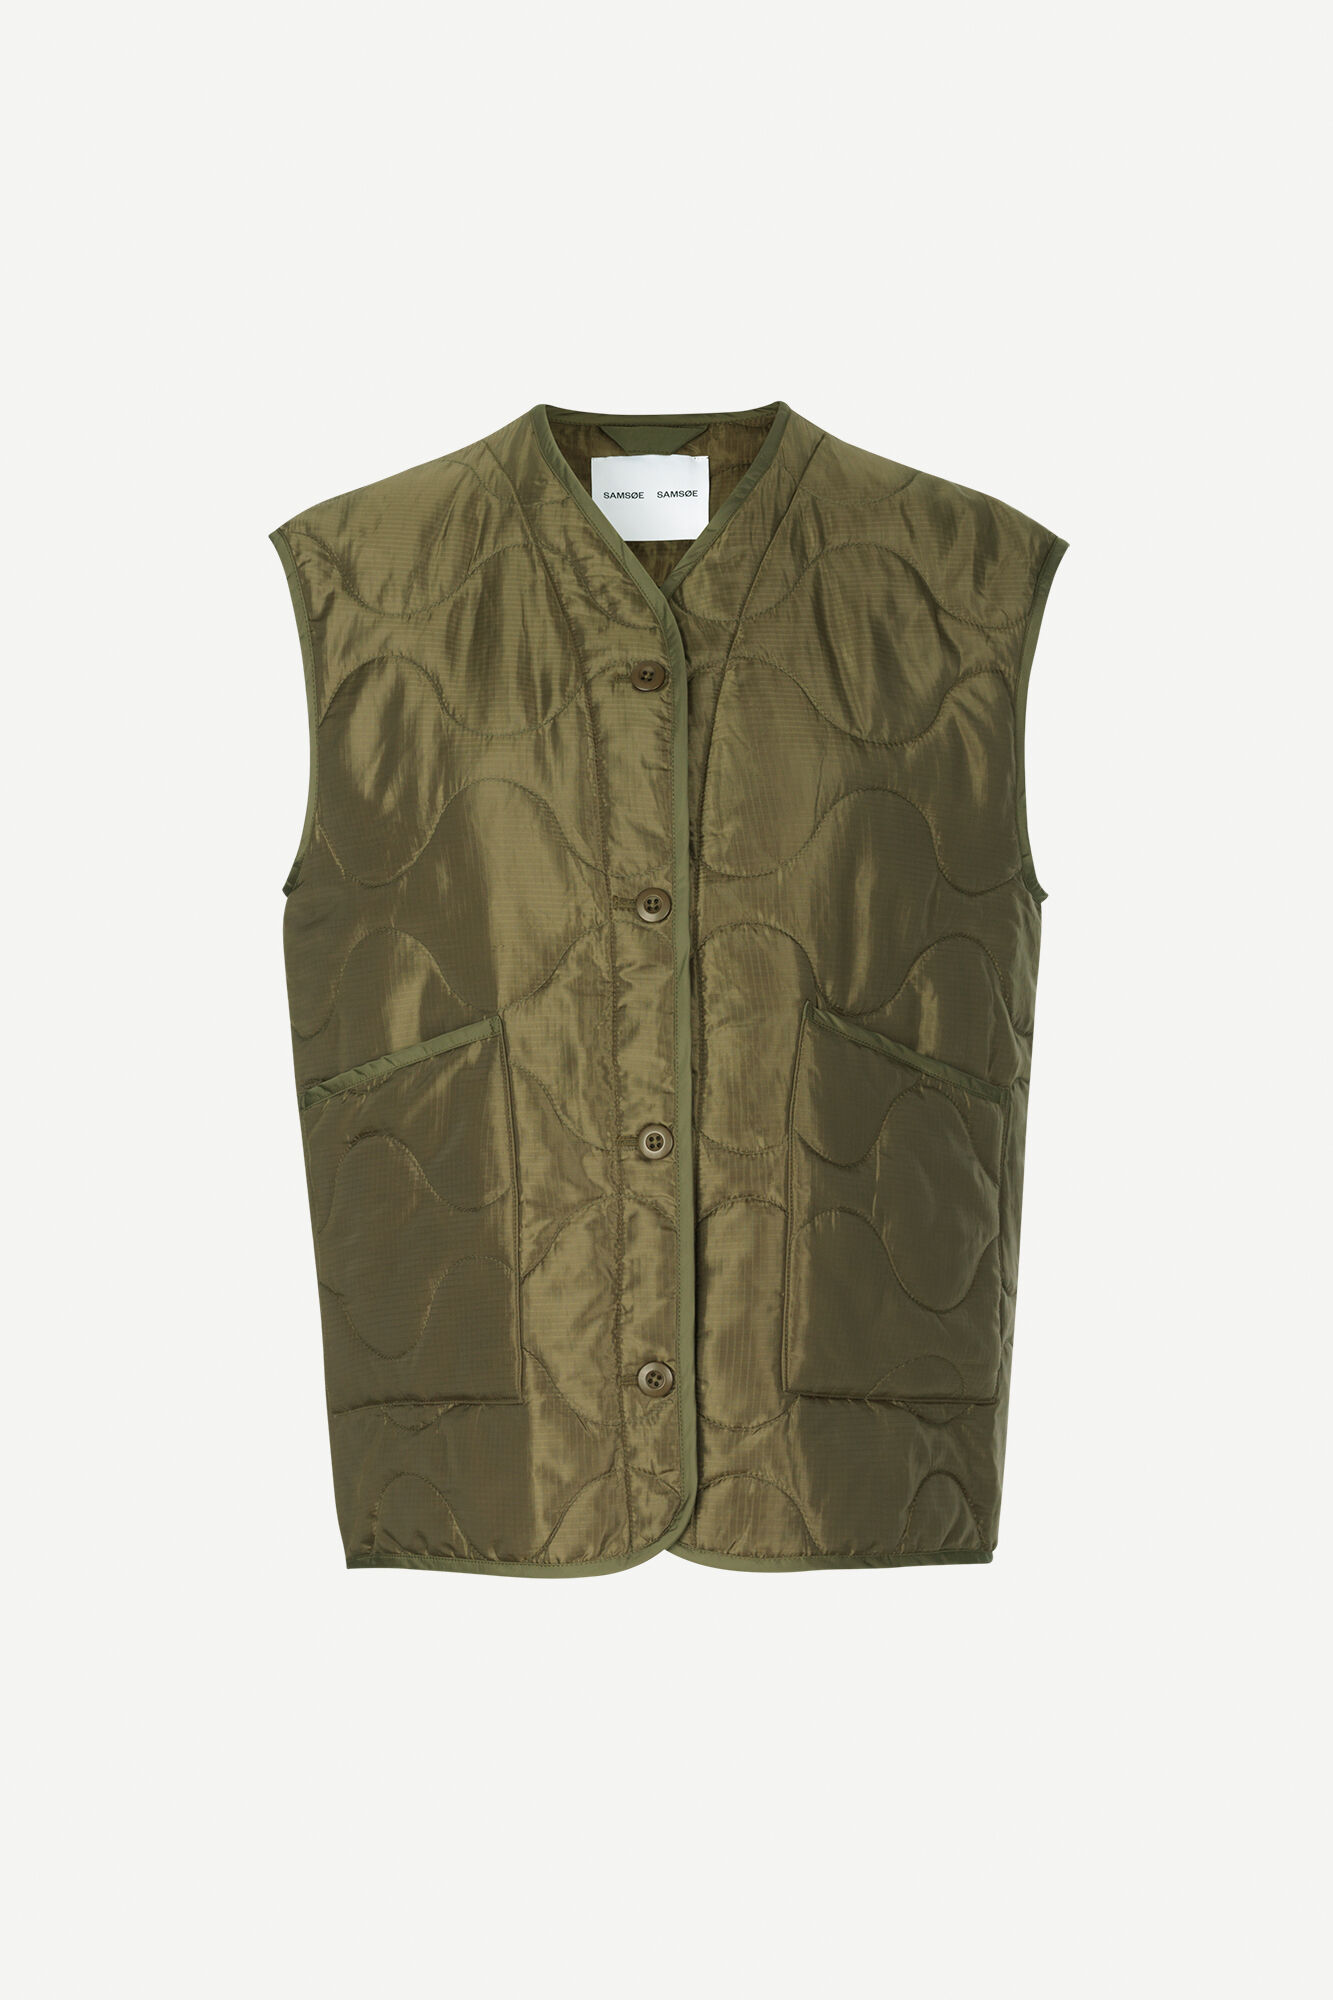 Amazon vest 12853, DARK OLIVE